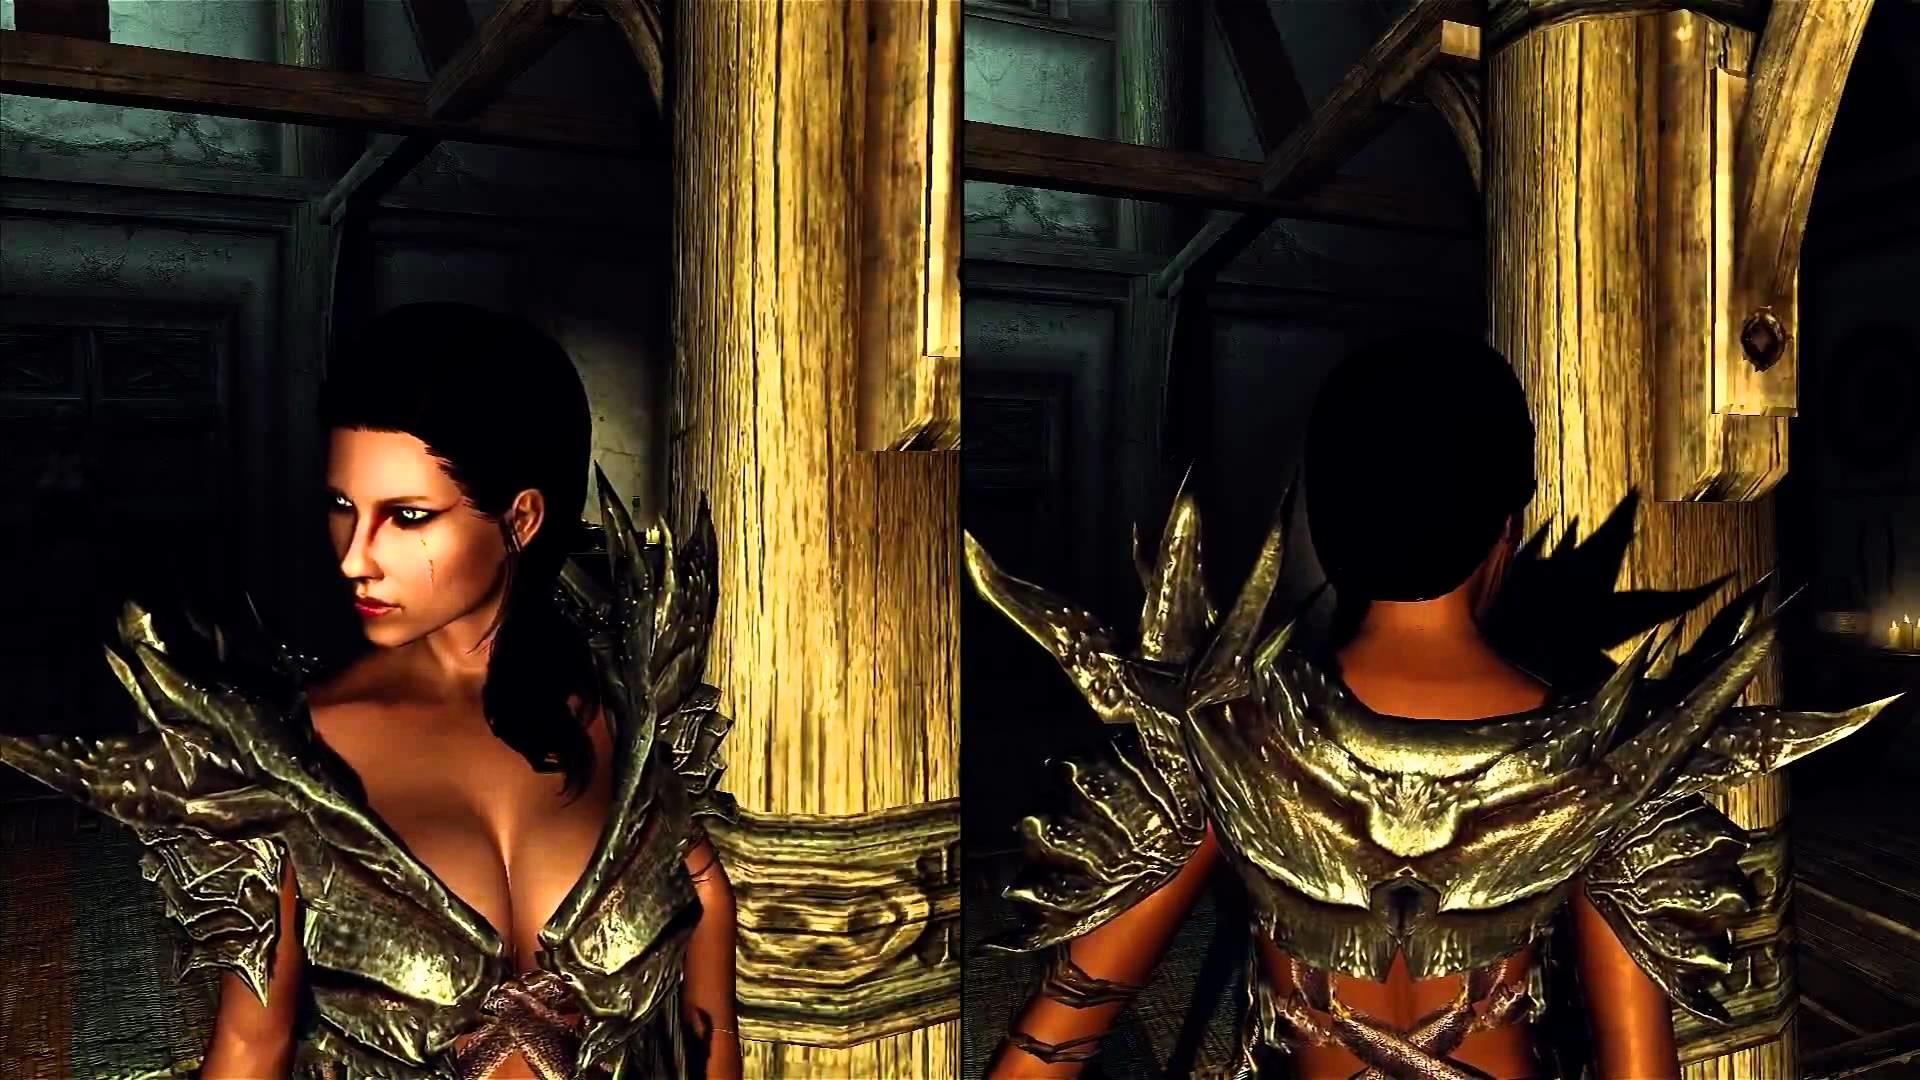 skyrim female armor mods download